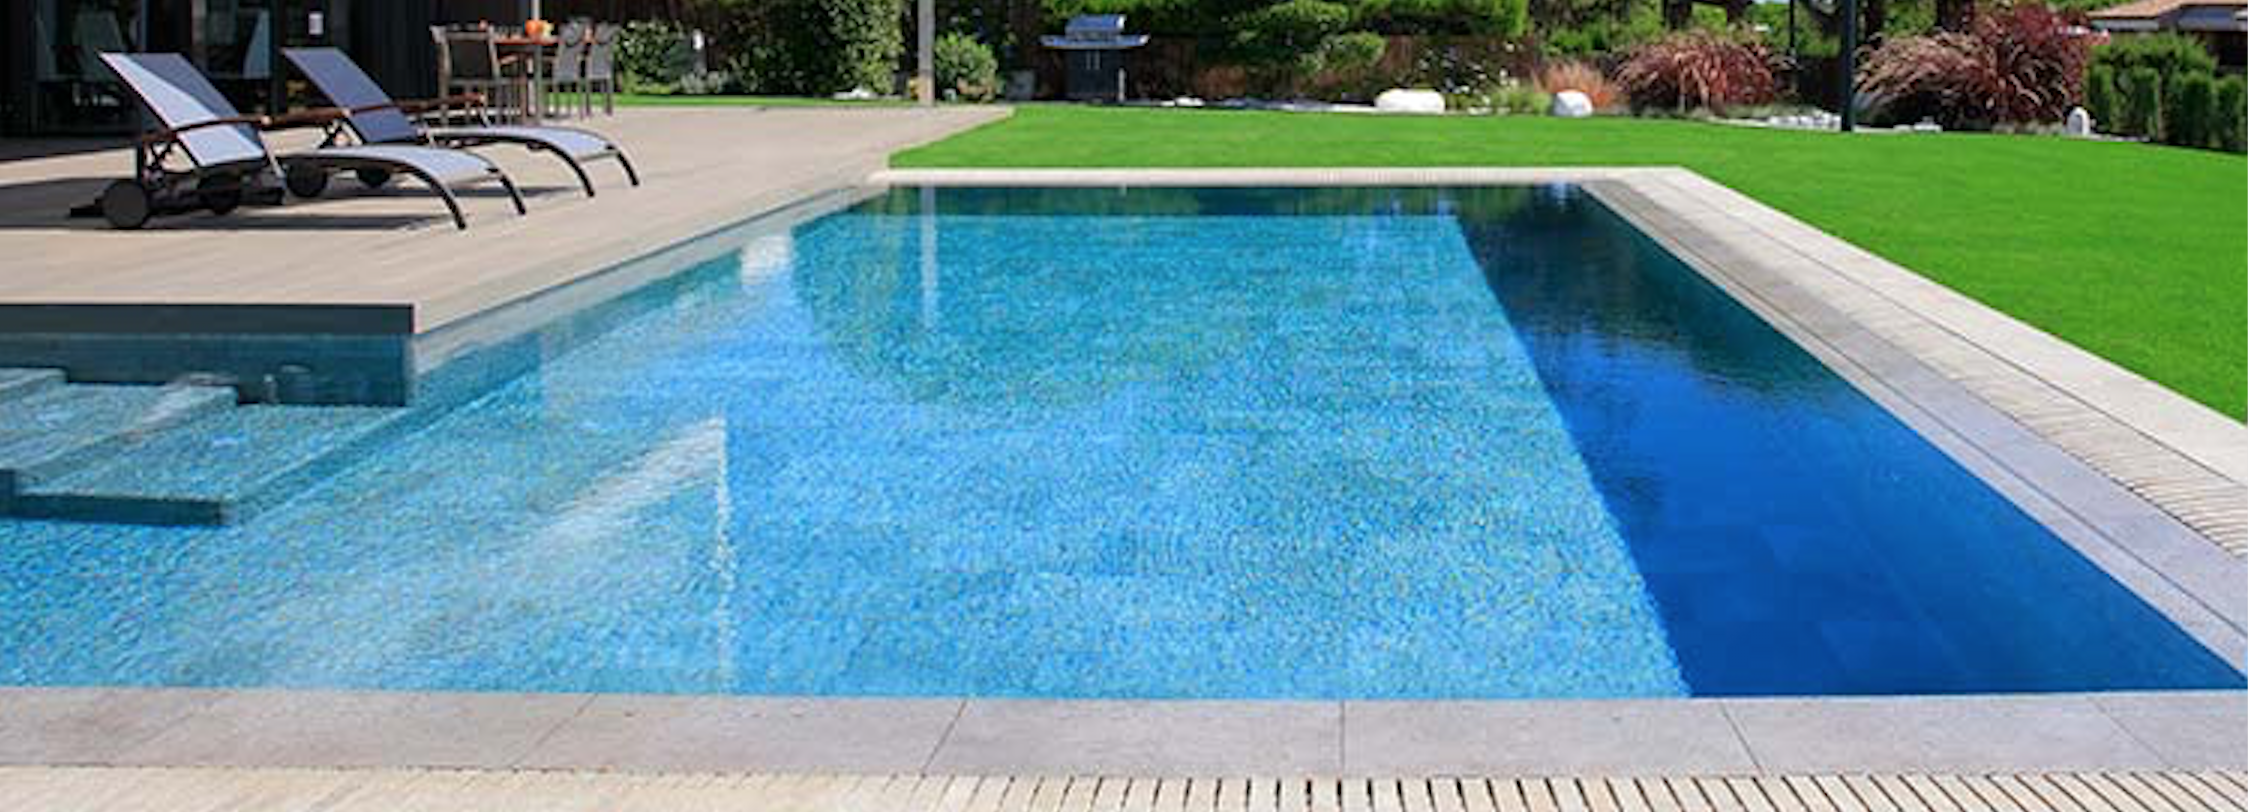 Pompe chaleur piscine d shumidificateur d ambiance for Meilleur chauffe piscine